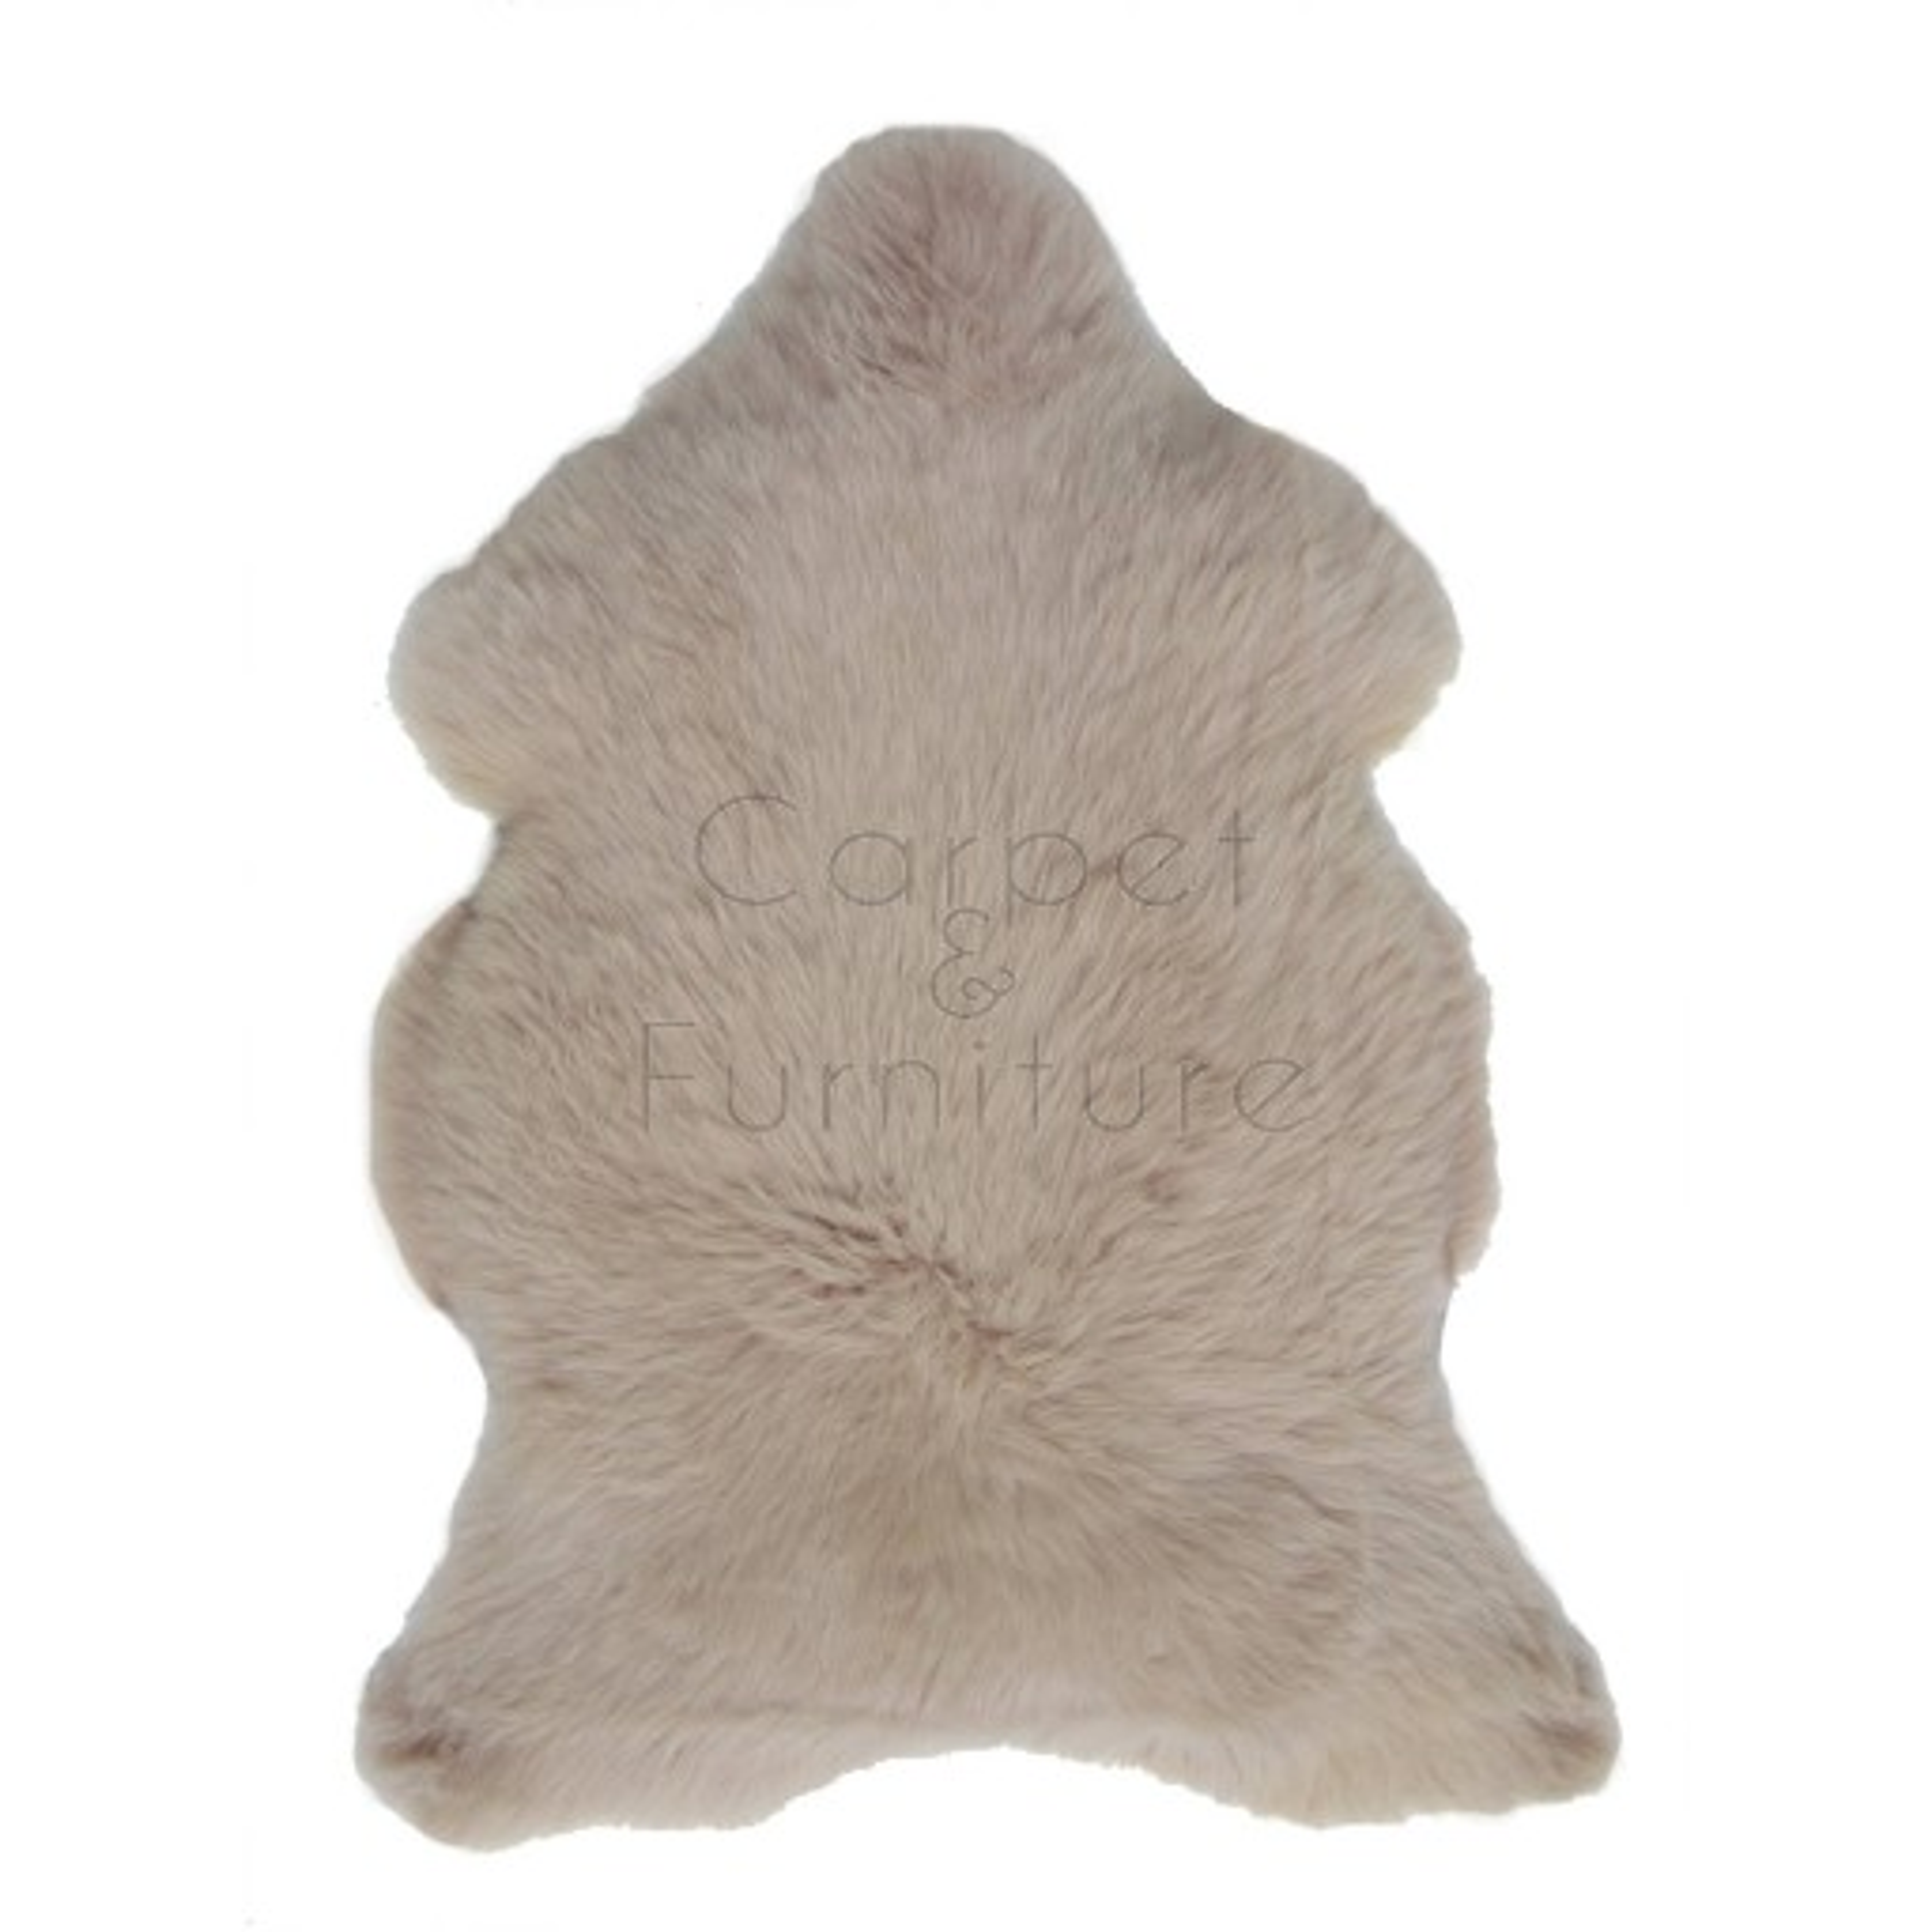 British Sheepskin Rug  - Warm Beige-Octo Skin